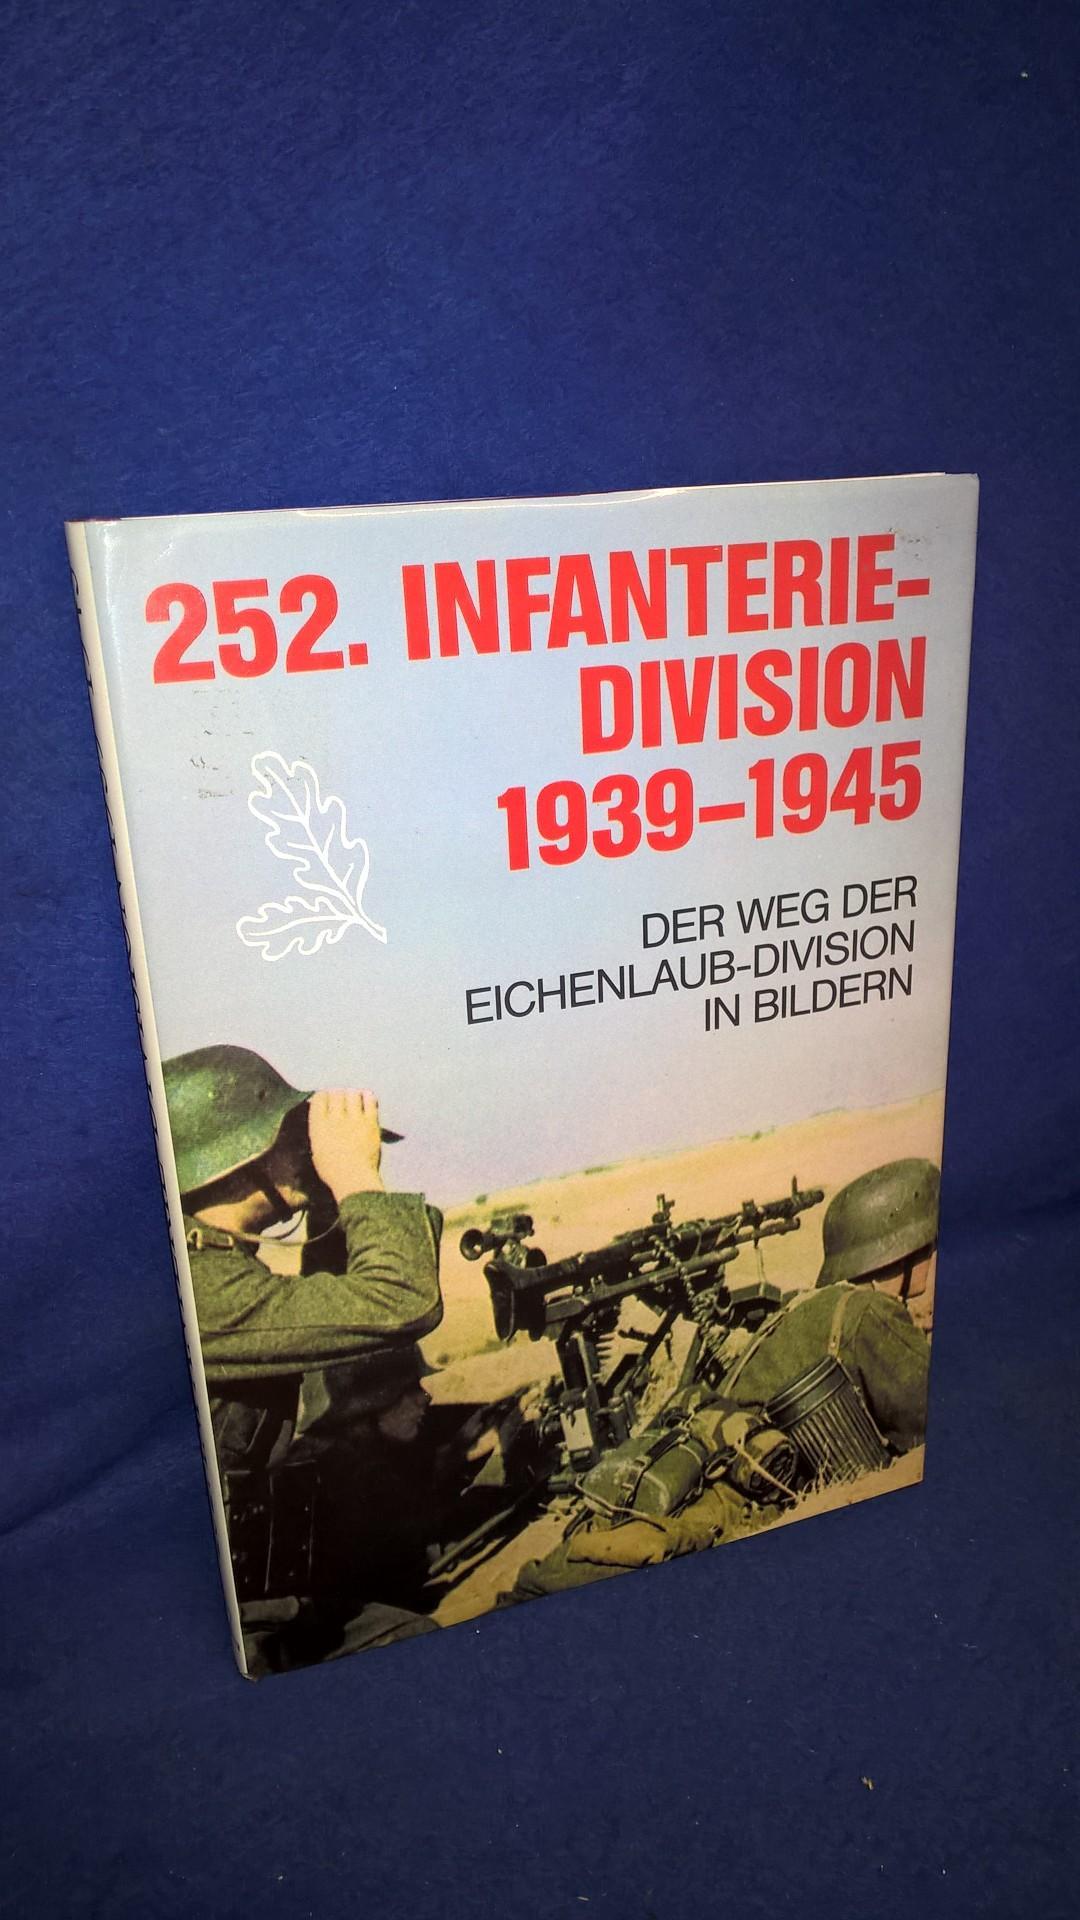 252. Infanterie-Division 1939 - 1945. Der Weg der Eichenlaub-Division in Bildern